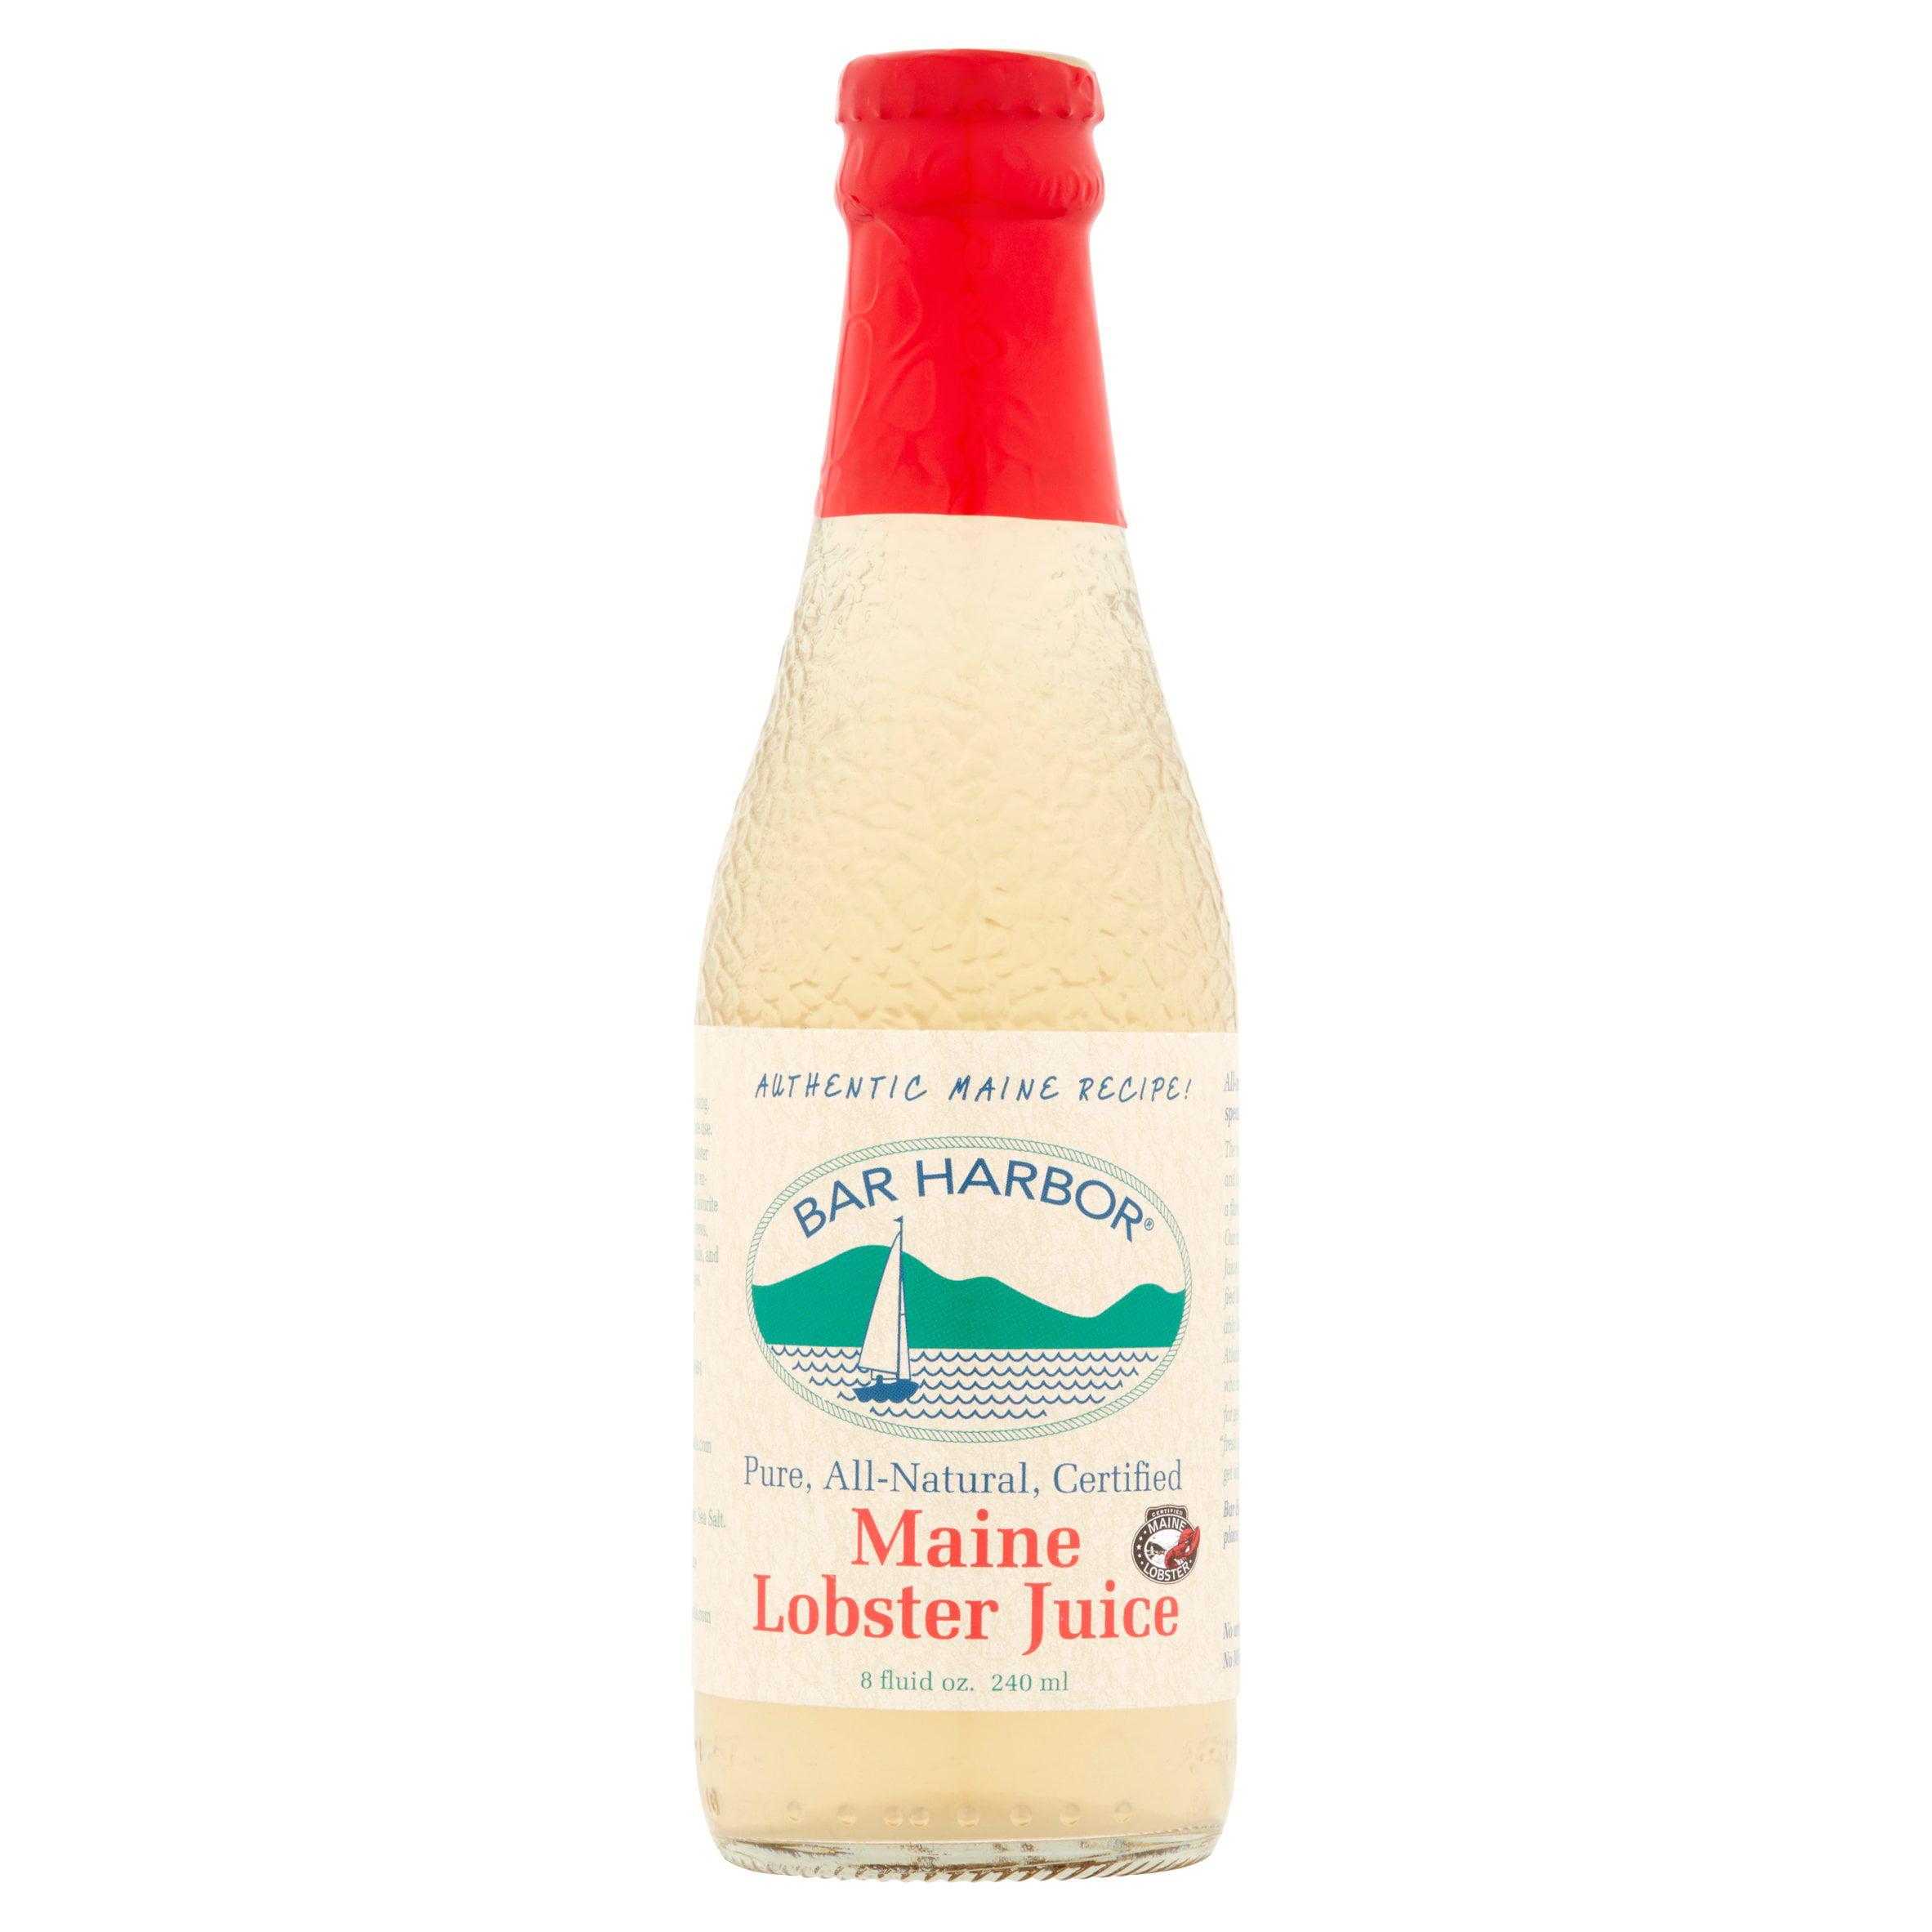 Bar Harbor Maine Lobster Juice, 8 fl oz by Bar Harbor Foods